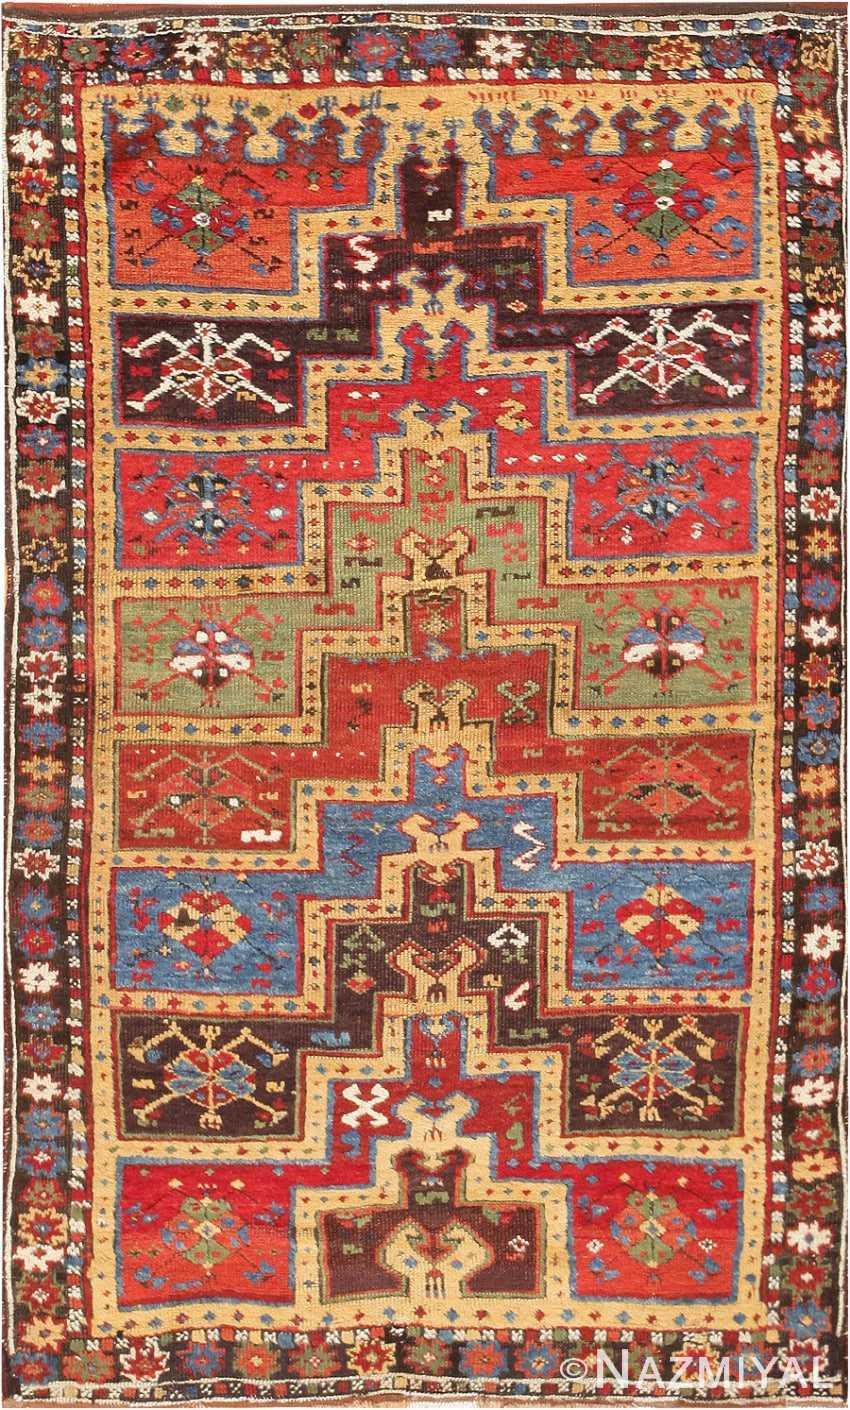 Antique Turkish Tribal Yuruk Prayer Rug 47380 Detail Large View